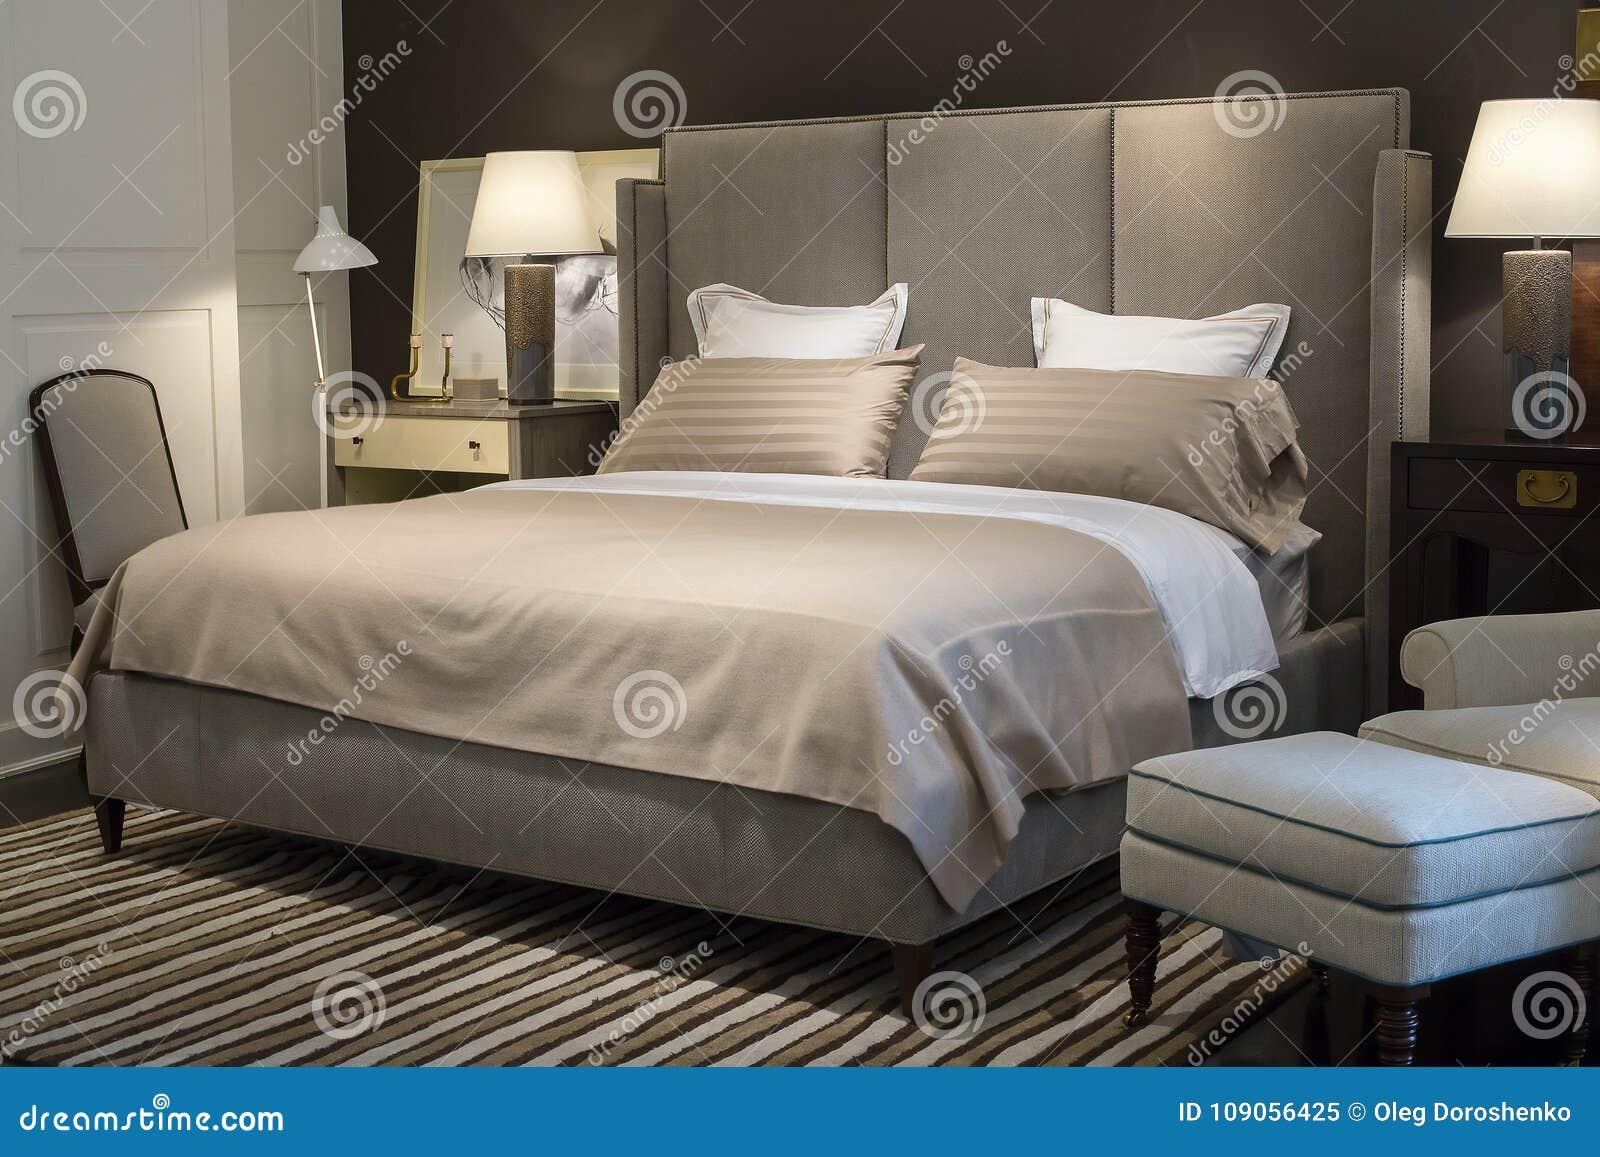 Chambre à Coucher Avec Le Lit Moderne Image éditorial ...